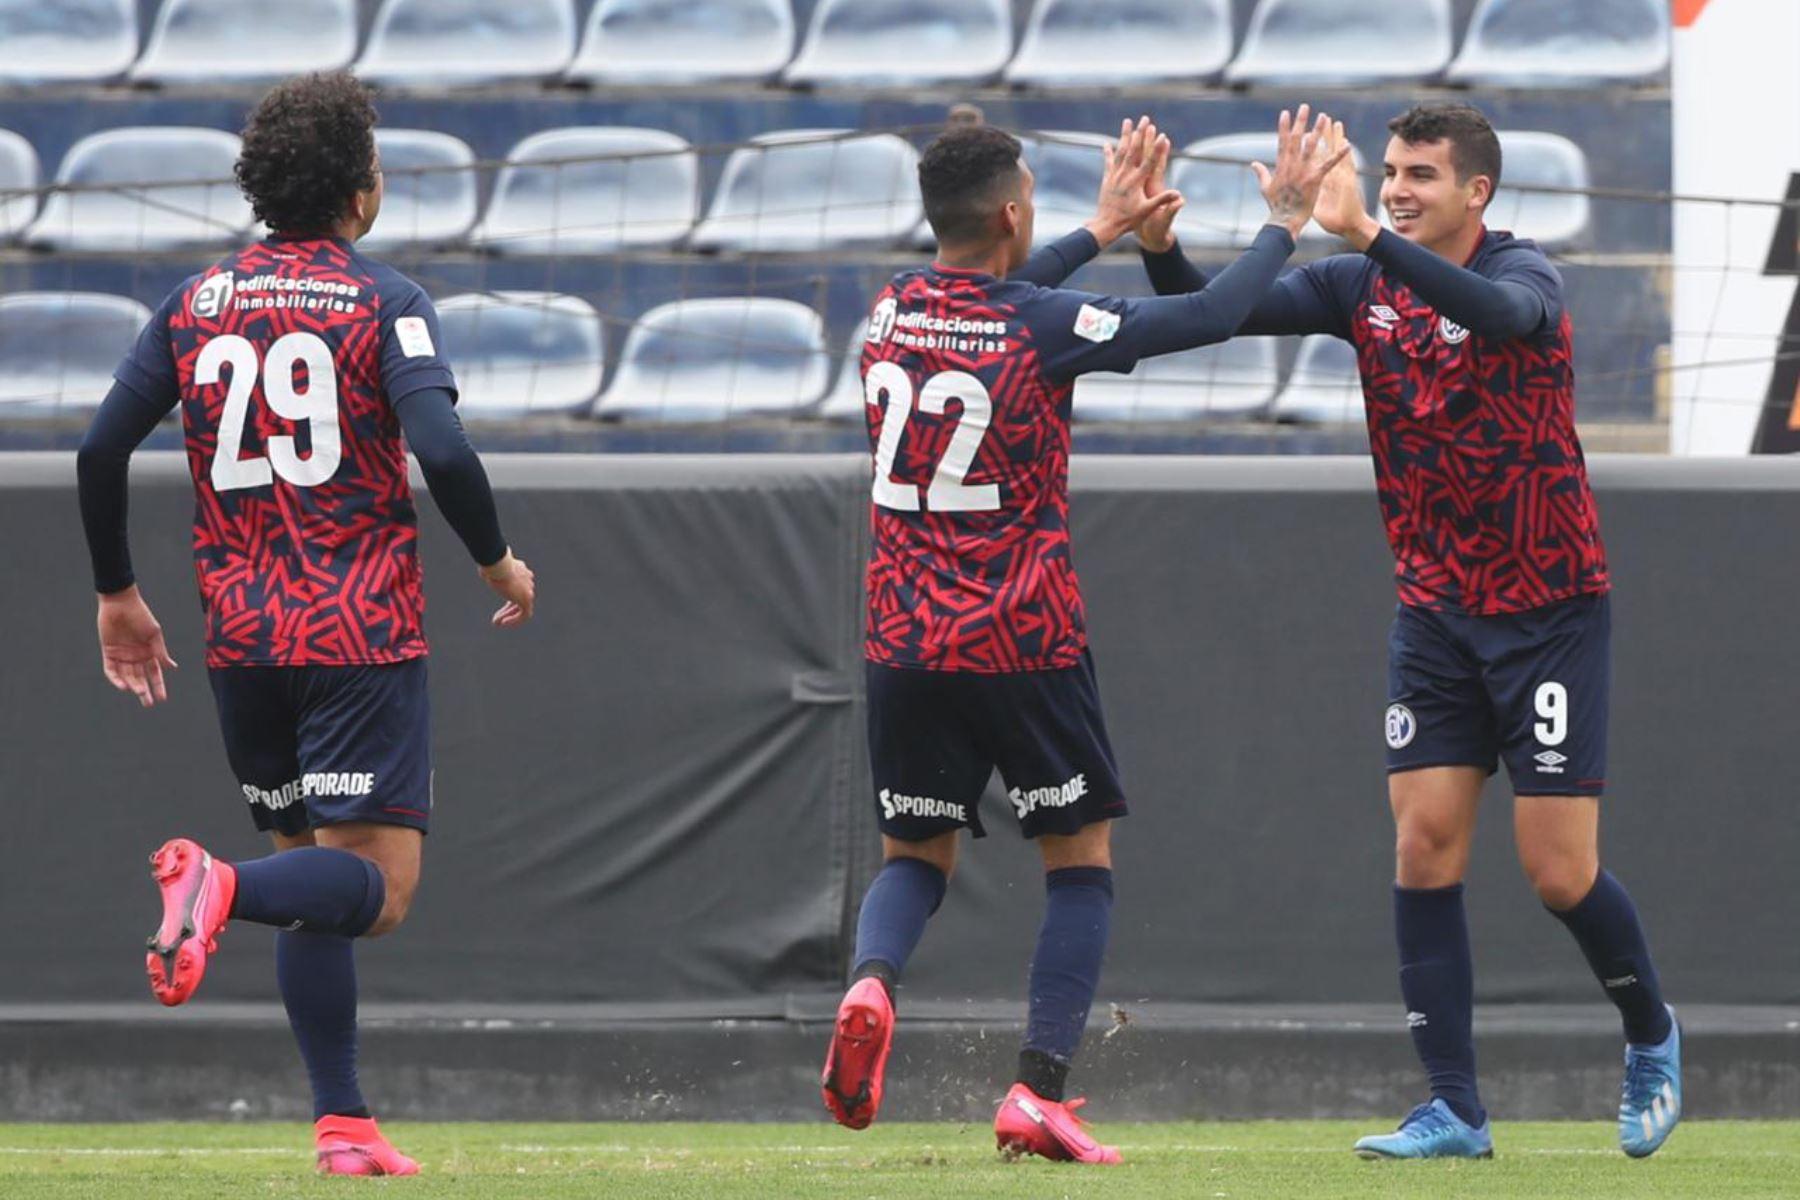 El futbolista Matías Succar del Deportivo Municipal celebra junto a sus compañeros tras anotar gol a Ayacucho FC por la jornada 11 de la Liga 1, en el estadio Alejandro Villanueva.  Foto: @LigaFutProf